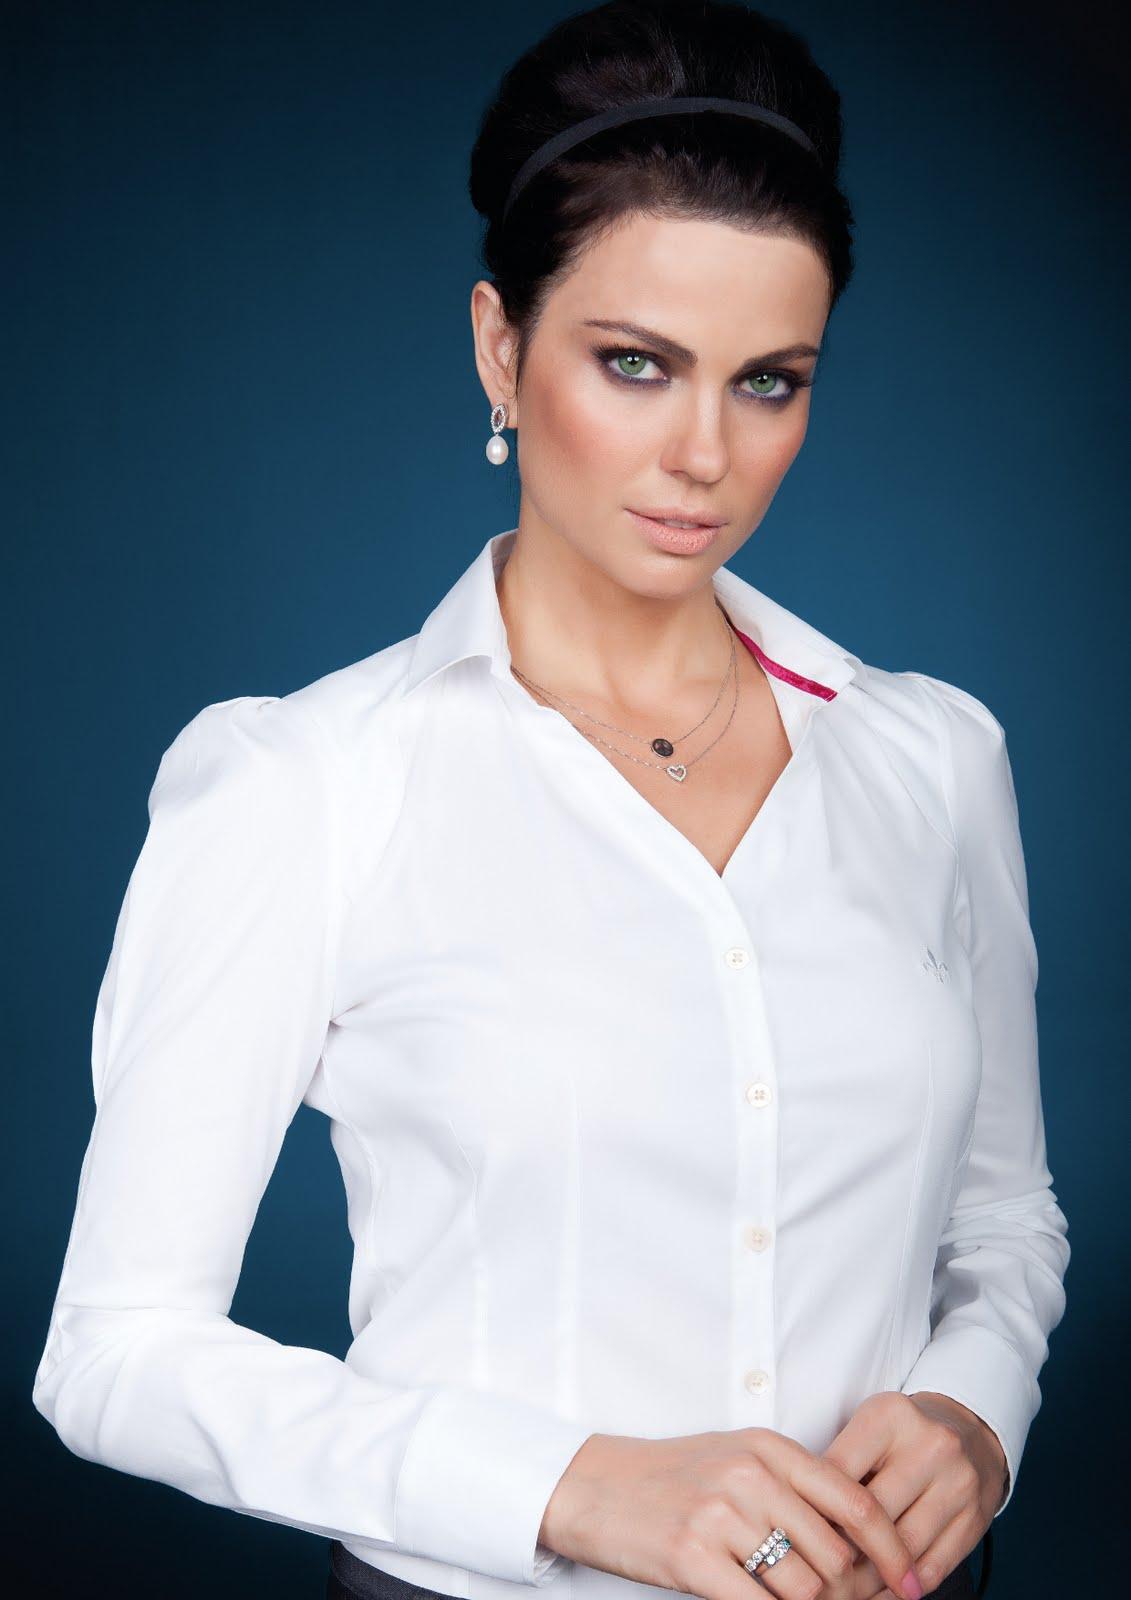 Camisas Femininas Dudalina db44c9a41f380